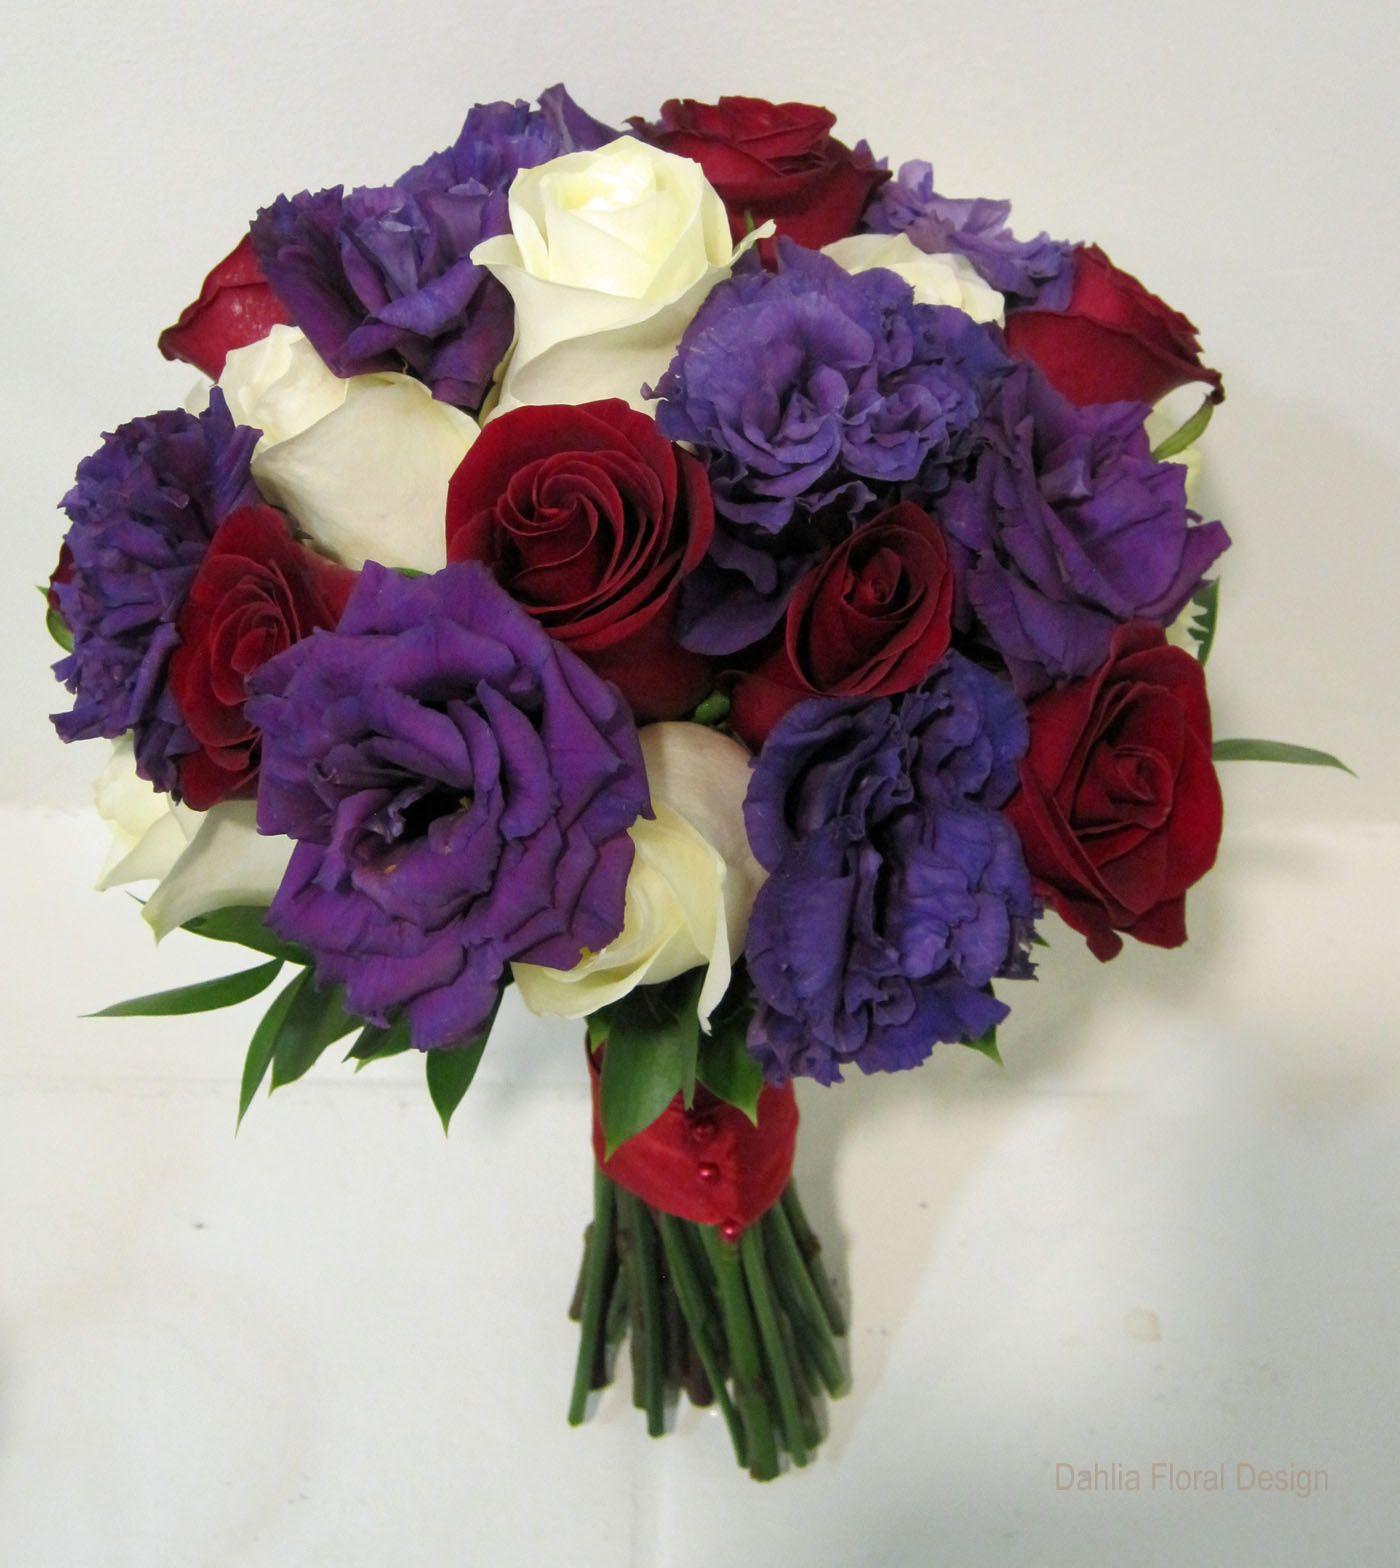 Purpleredwedding purple wedding bouquets dahlia floral design purpleredwedding purple wedding bouquets dahlia floral design izmirmasajfo